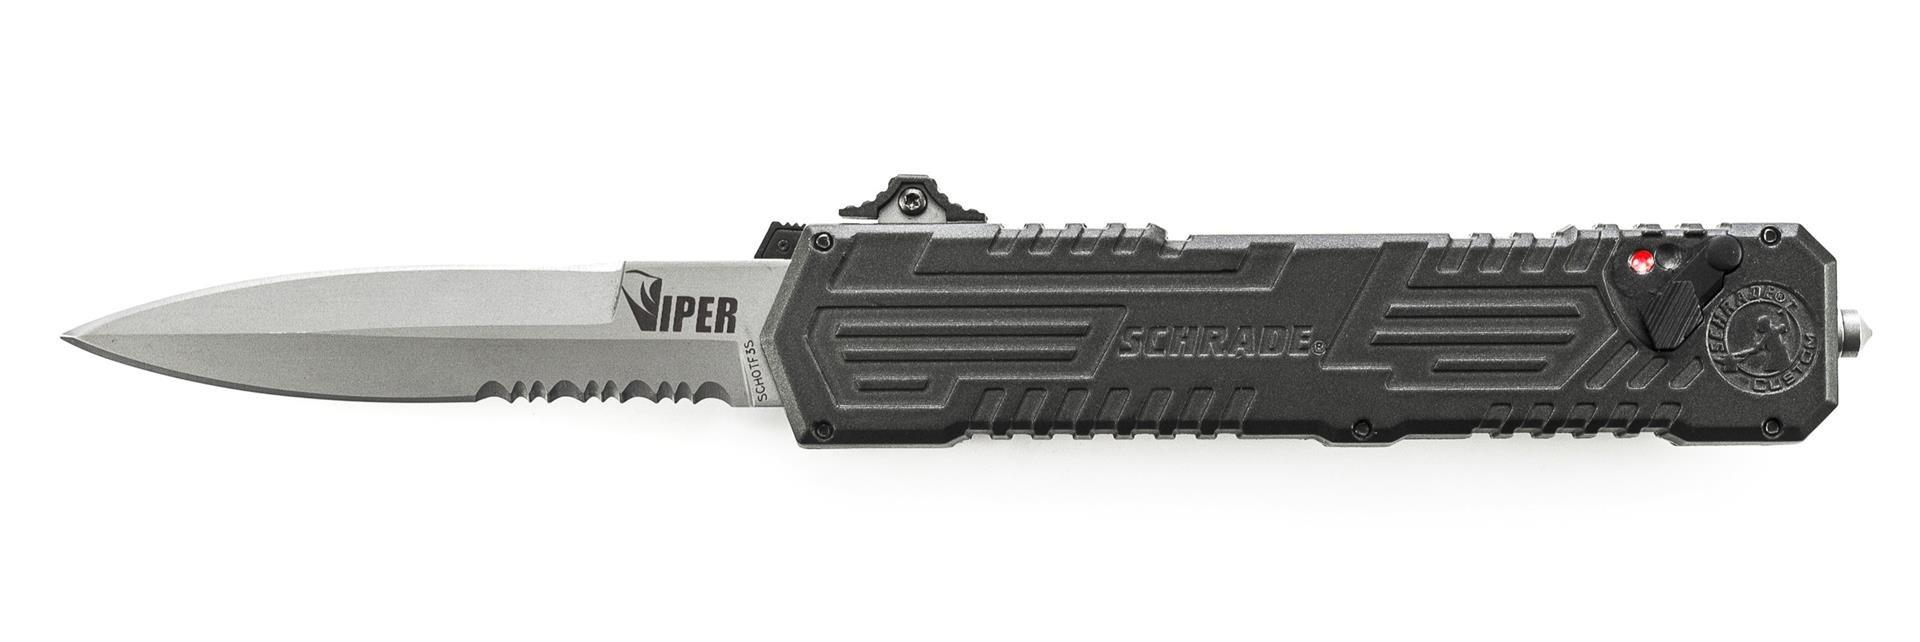 Viper 3, OTF, Black Handle, Bead Blast Blade, Serrated